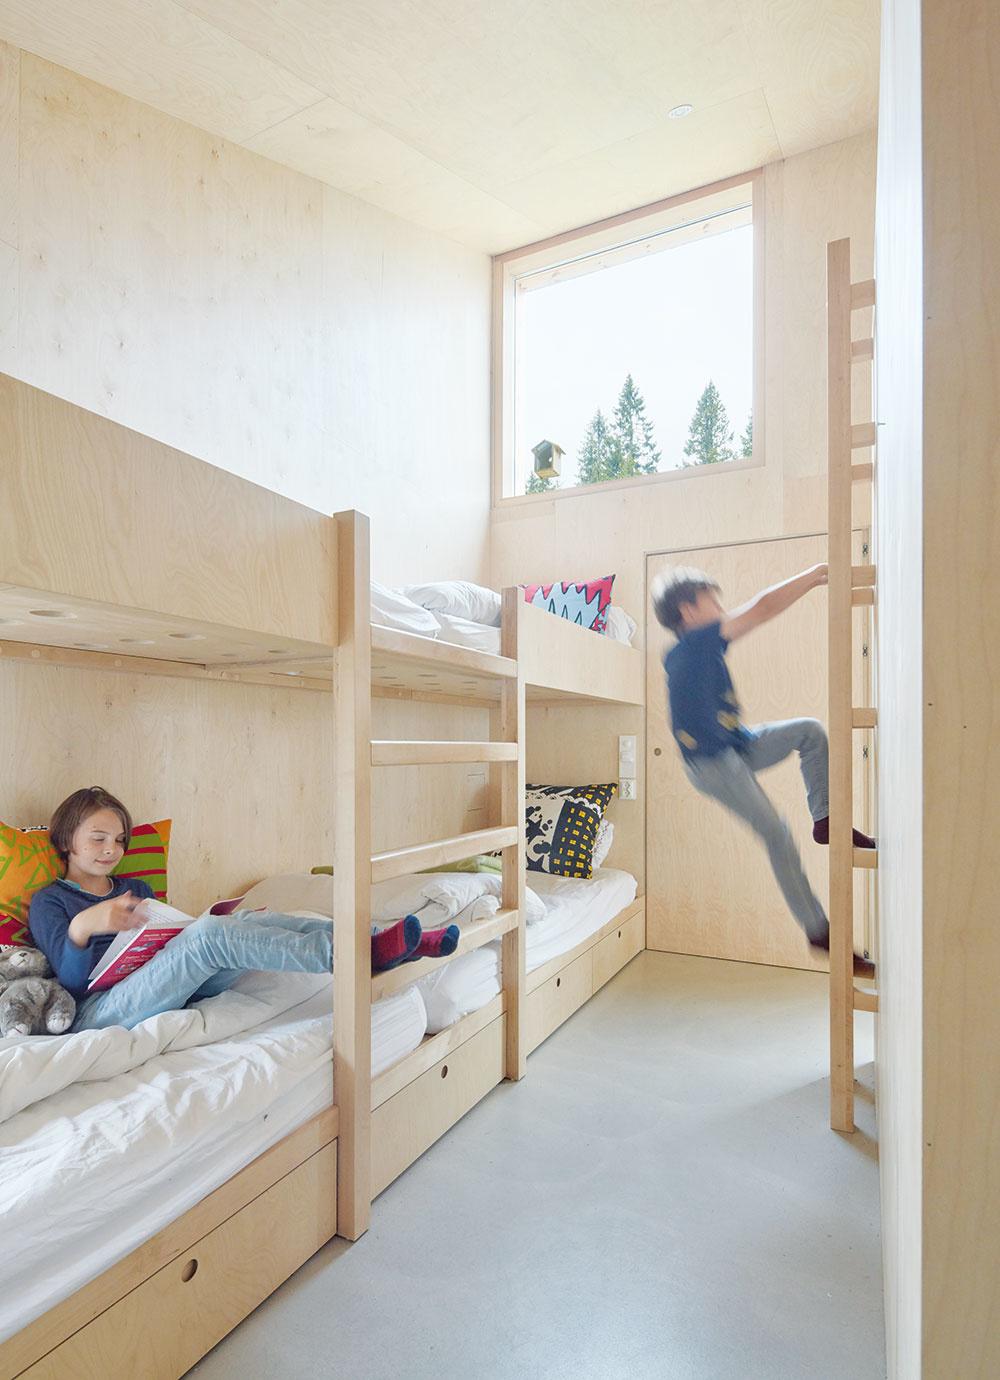 Detskú izbu tvoria poschodové postele arozširuje ju aj priestor nad kúpeľňou, kde architekti navrhli herňu.